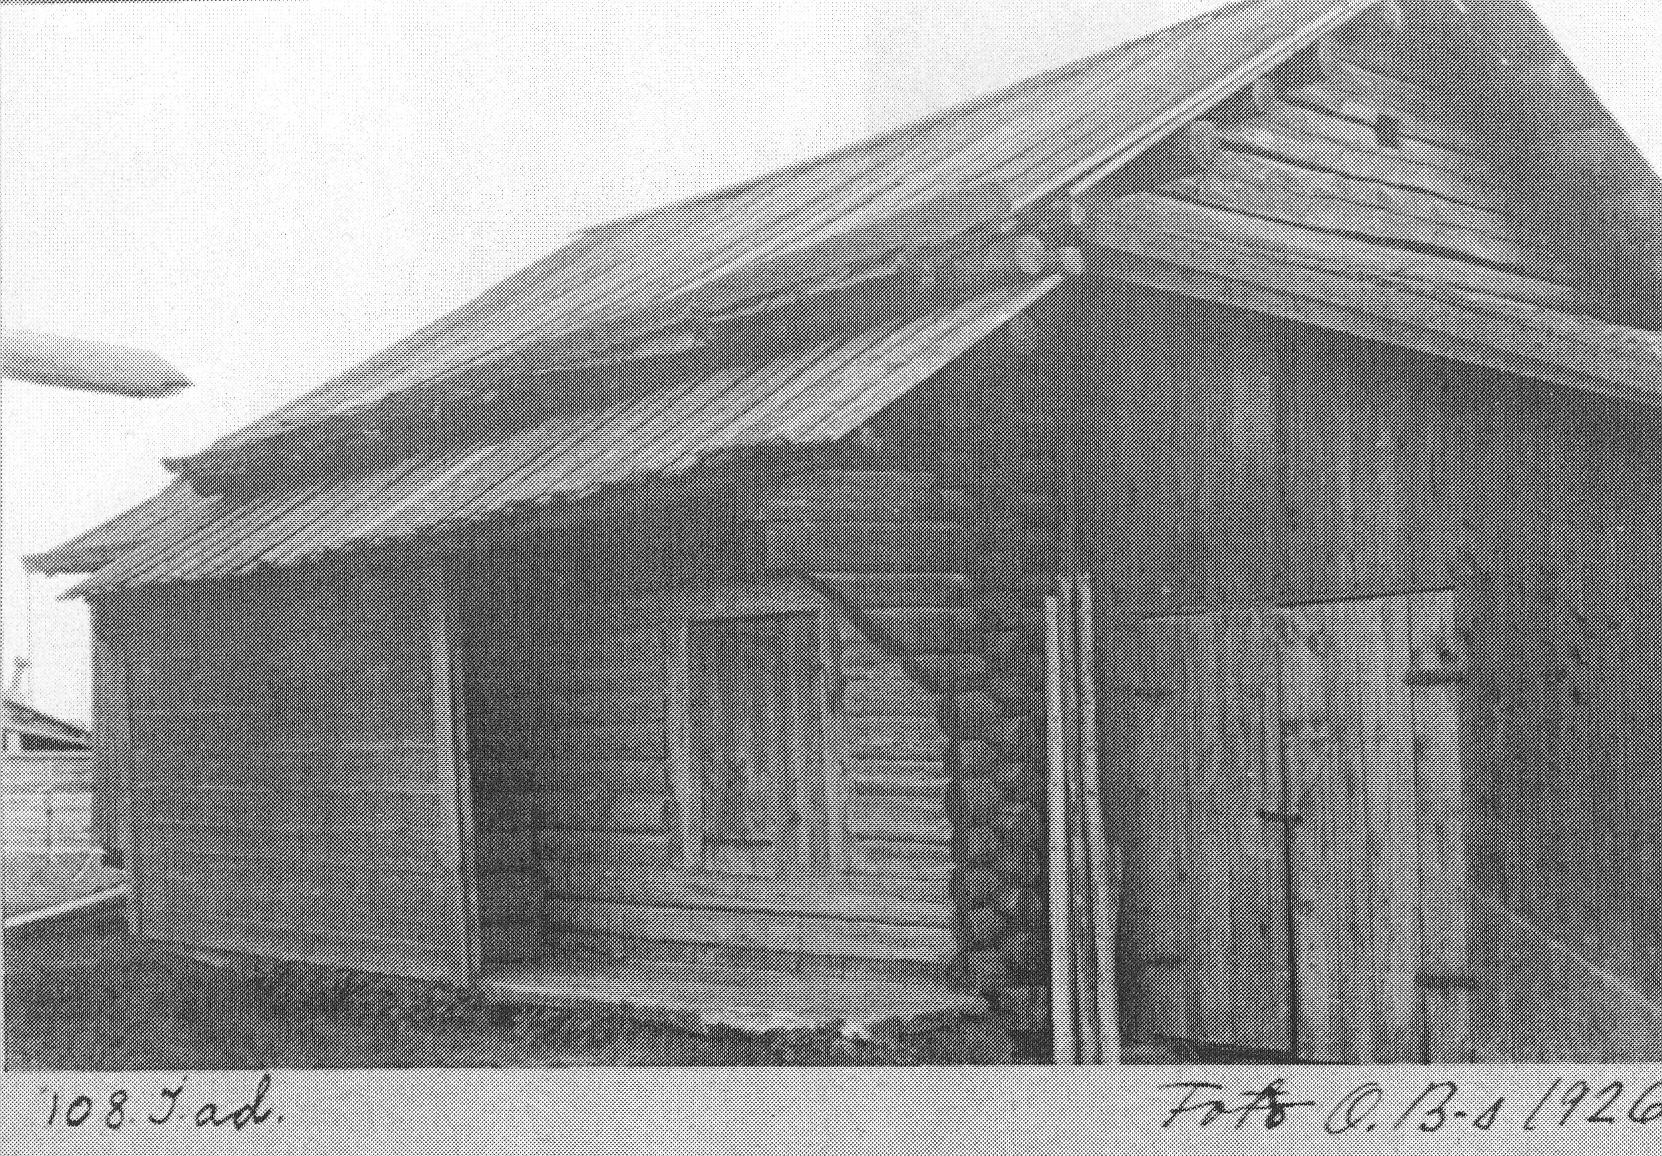 Nusnäsladan på sin ursprungliga plats på Bengtsgården i Nusnäs, söder om Mora, Dalarna, 1926. Foto: Ola Bannbers, för Nordiska museet.